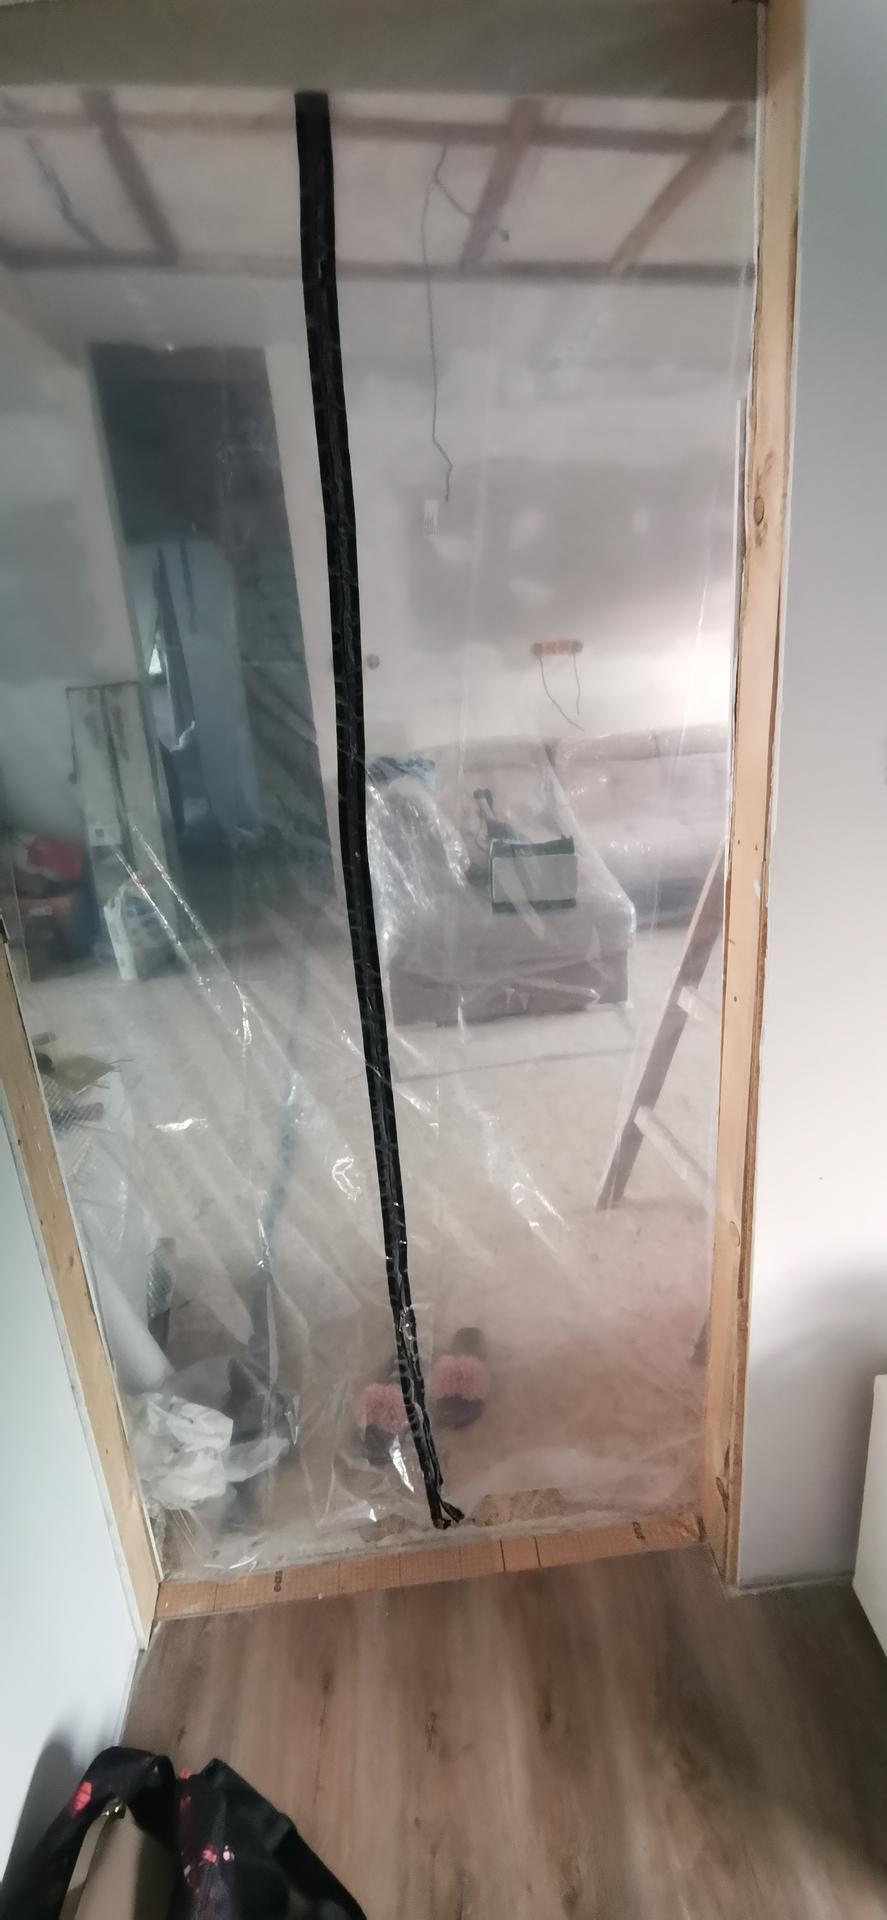 Jak bydlet za 3 měsíce - Prozatimni dveře do nedodelaneho obýváku s kuchyní...